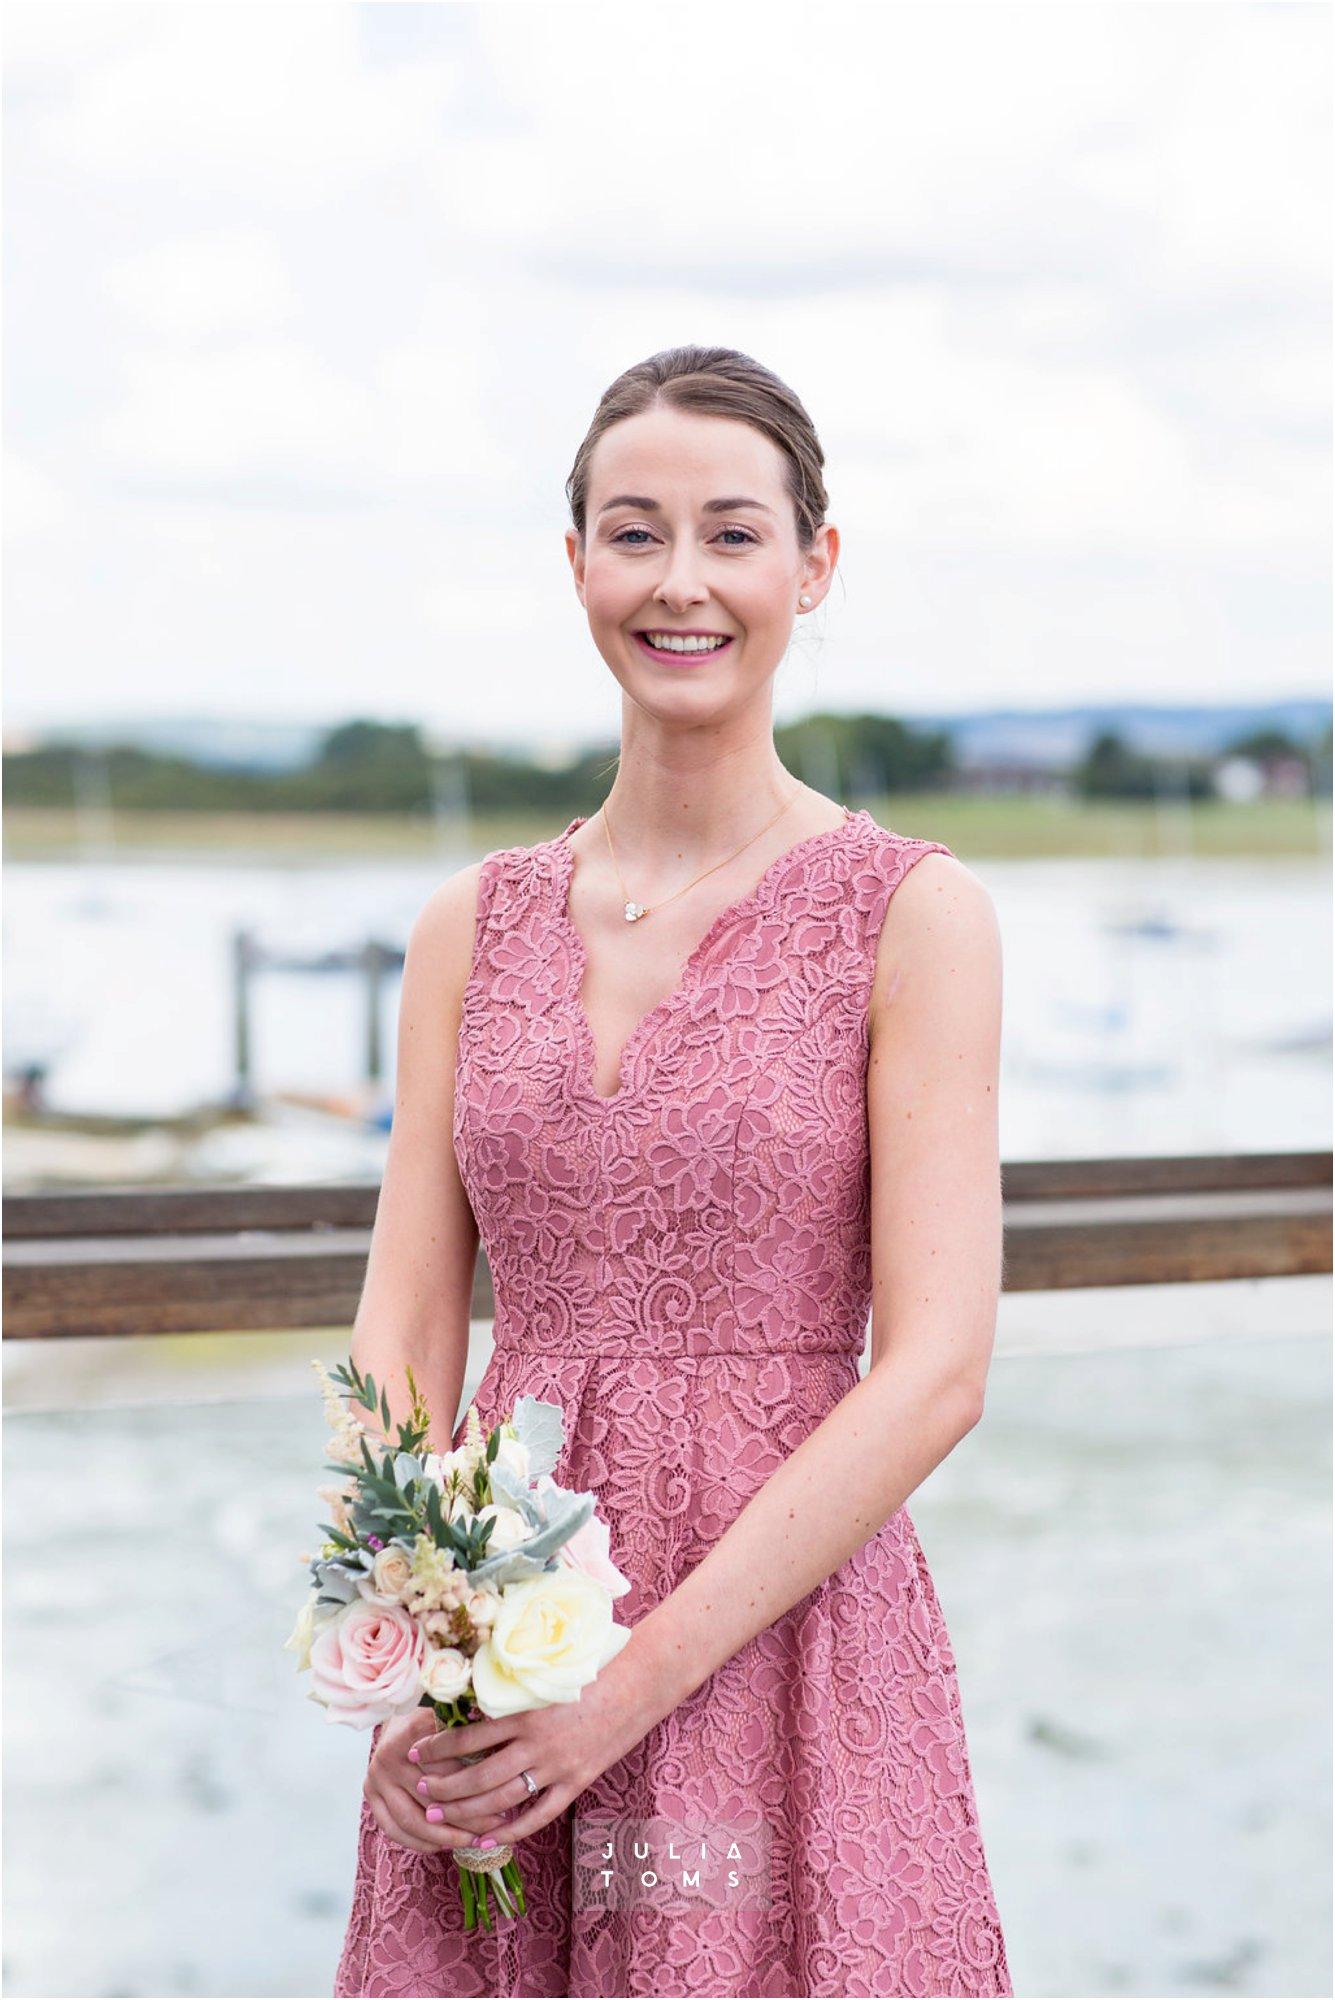 itchenor_wedding_chichester_photographer_011.jpg